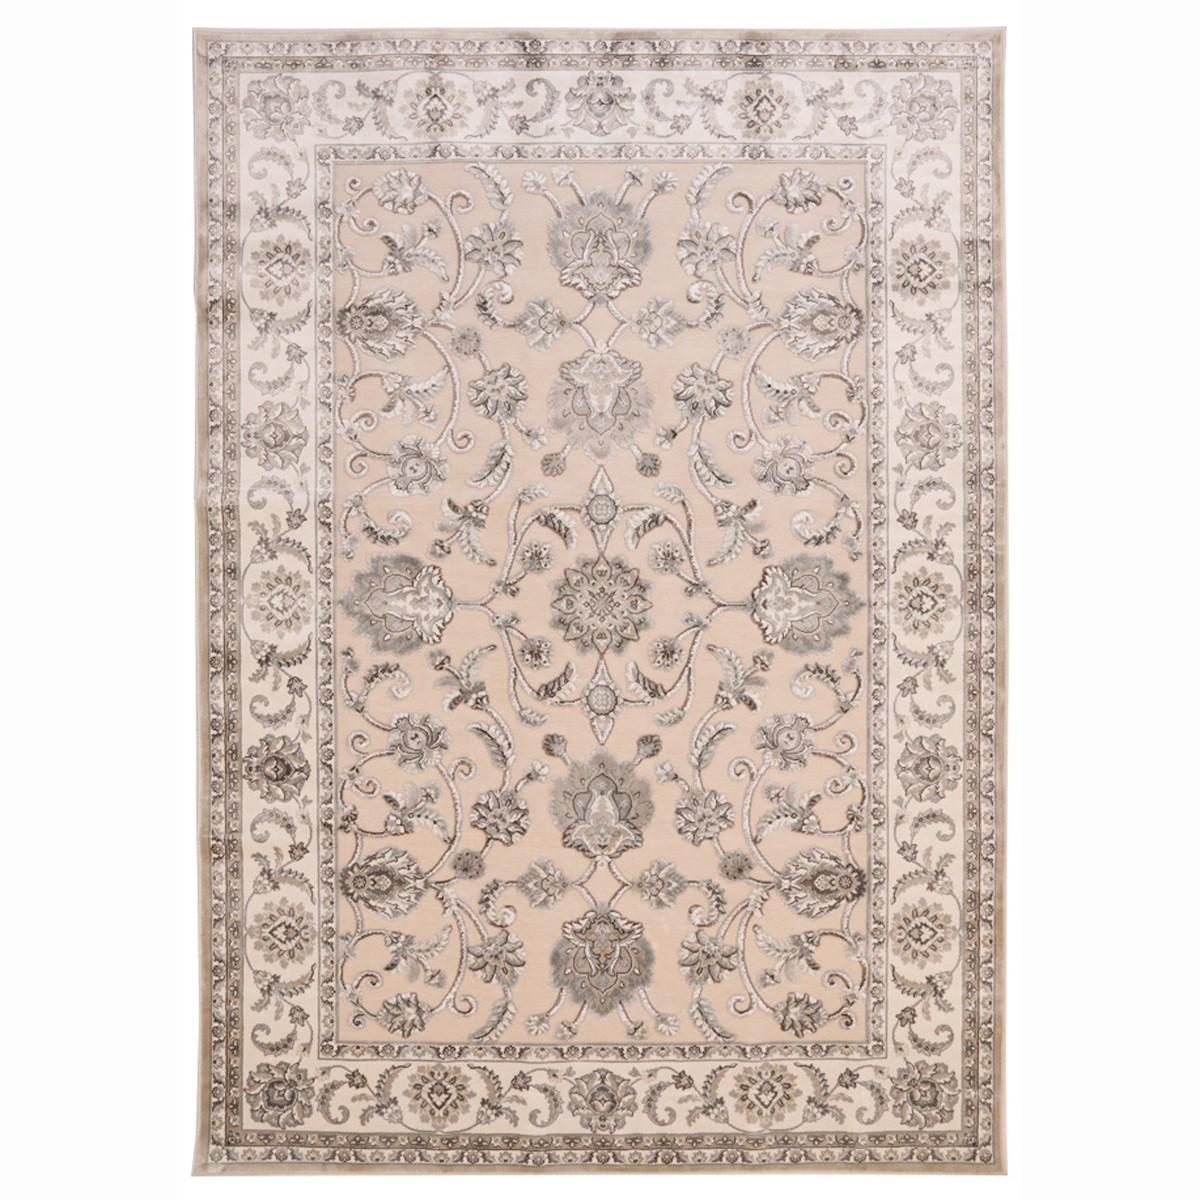 Χαλιά Κρεβατοκάμαρας (Σετ 3τμχ) Royal Carpets Tiffany 938 Ice Be home   χαλιά   χαλιά κρεβατοκάμαρας